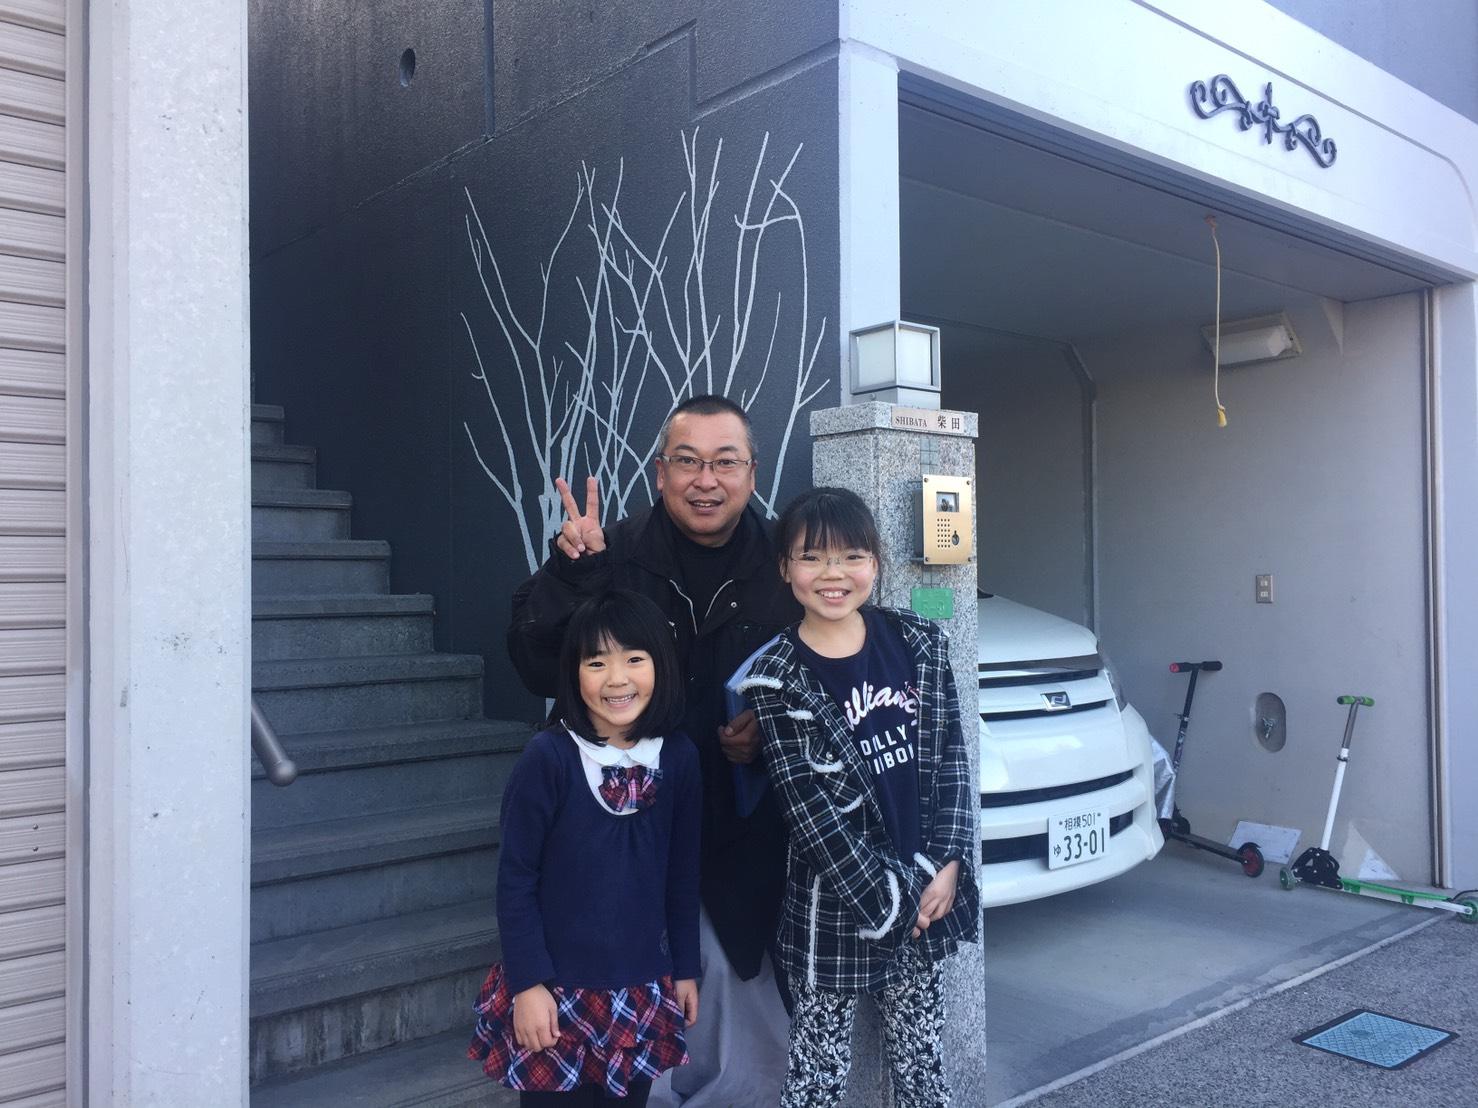 神奈川県 厚木市 外壁塗装 お客様の声 湘北技建